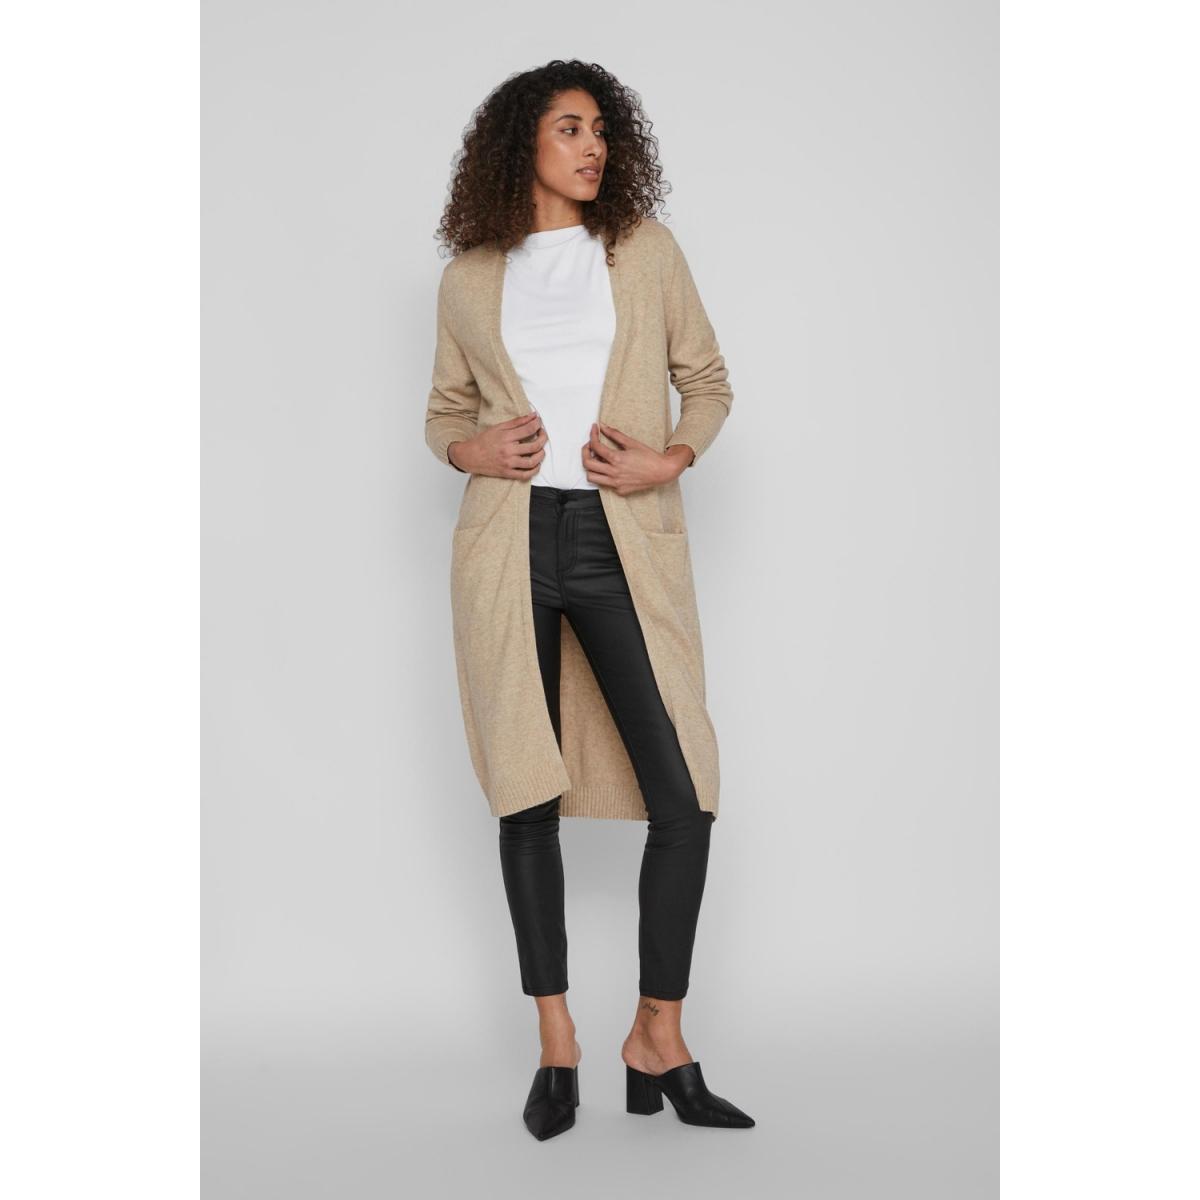 viril l/s long knit cardigan-noos 14042770 vila vest natural melange